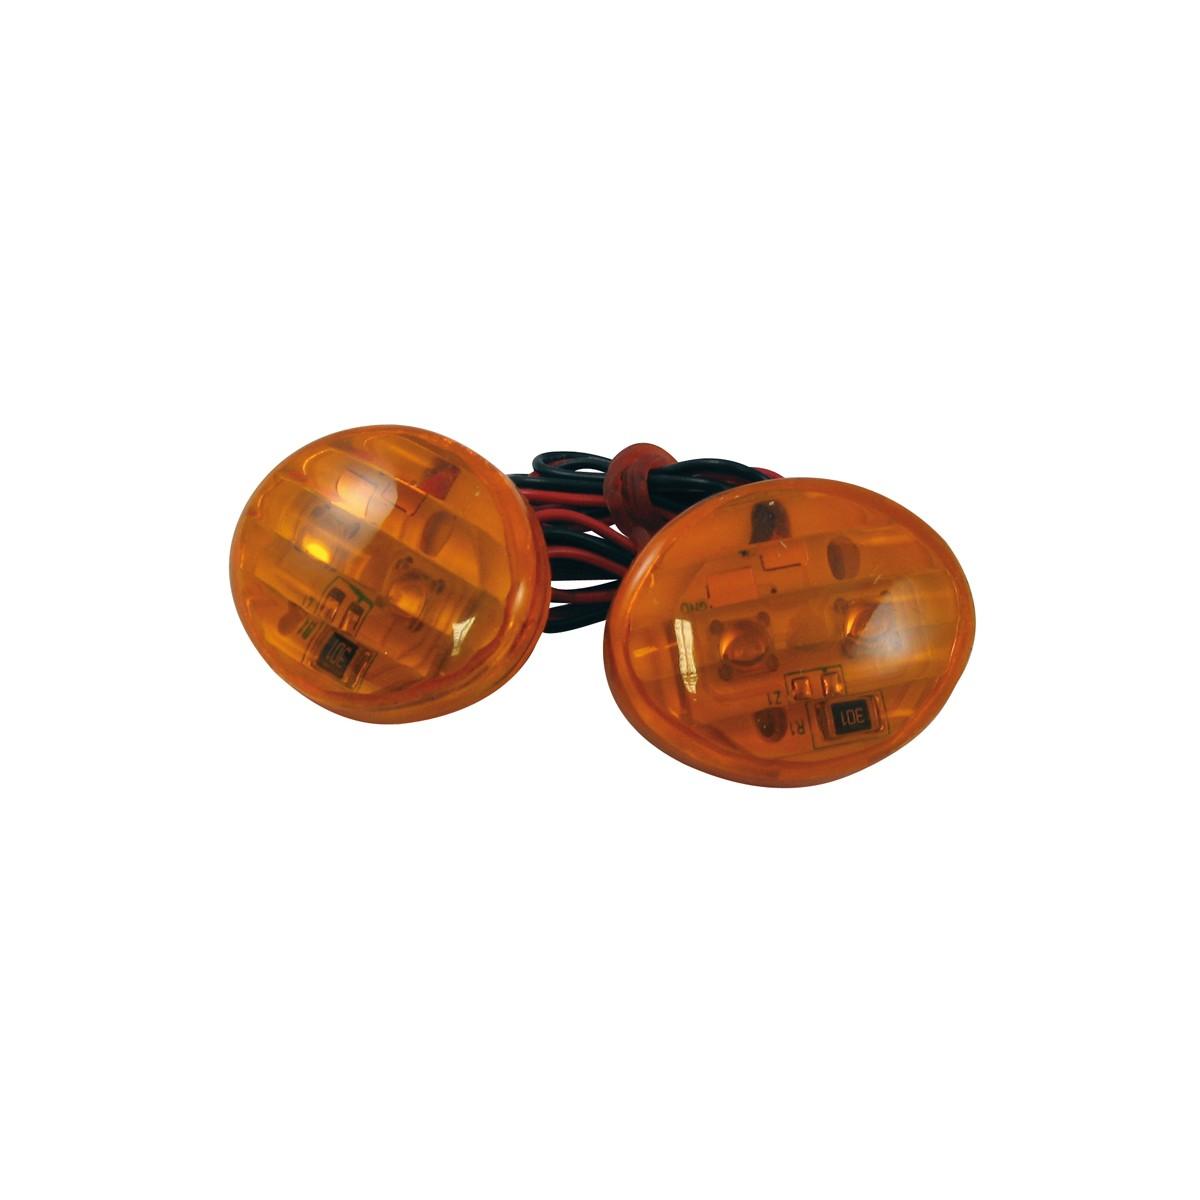 clignotants moto mad à leds orange